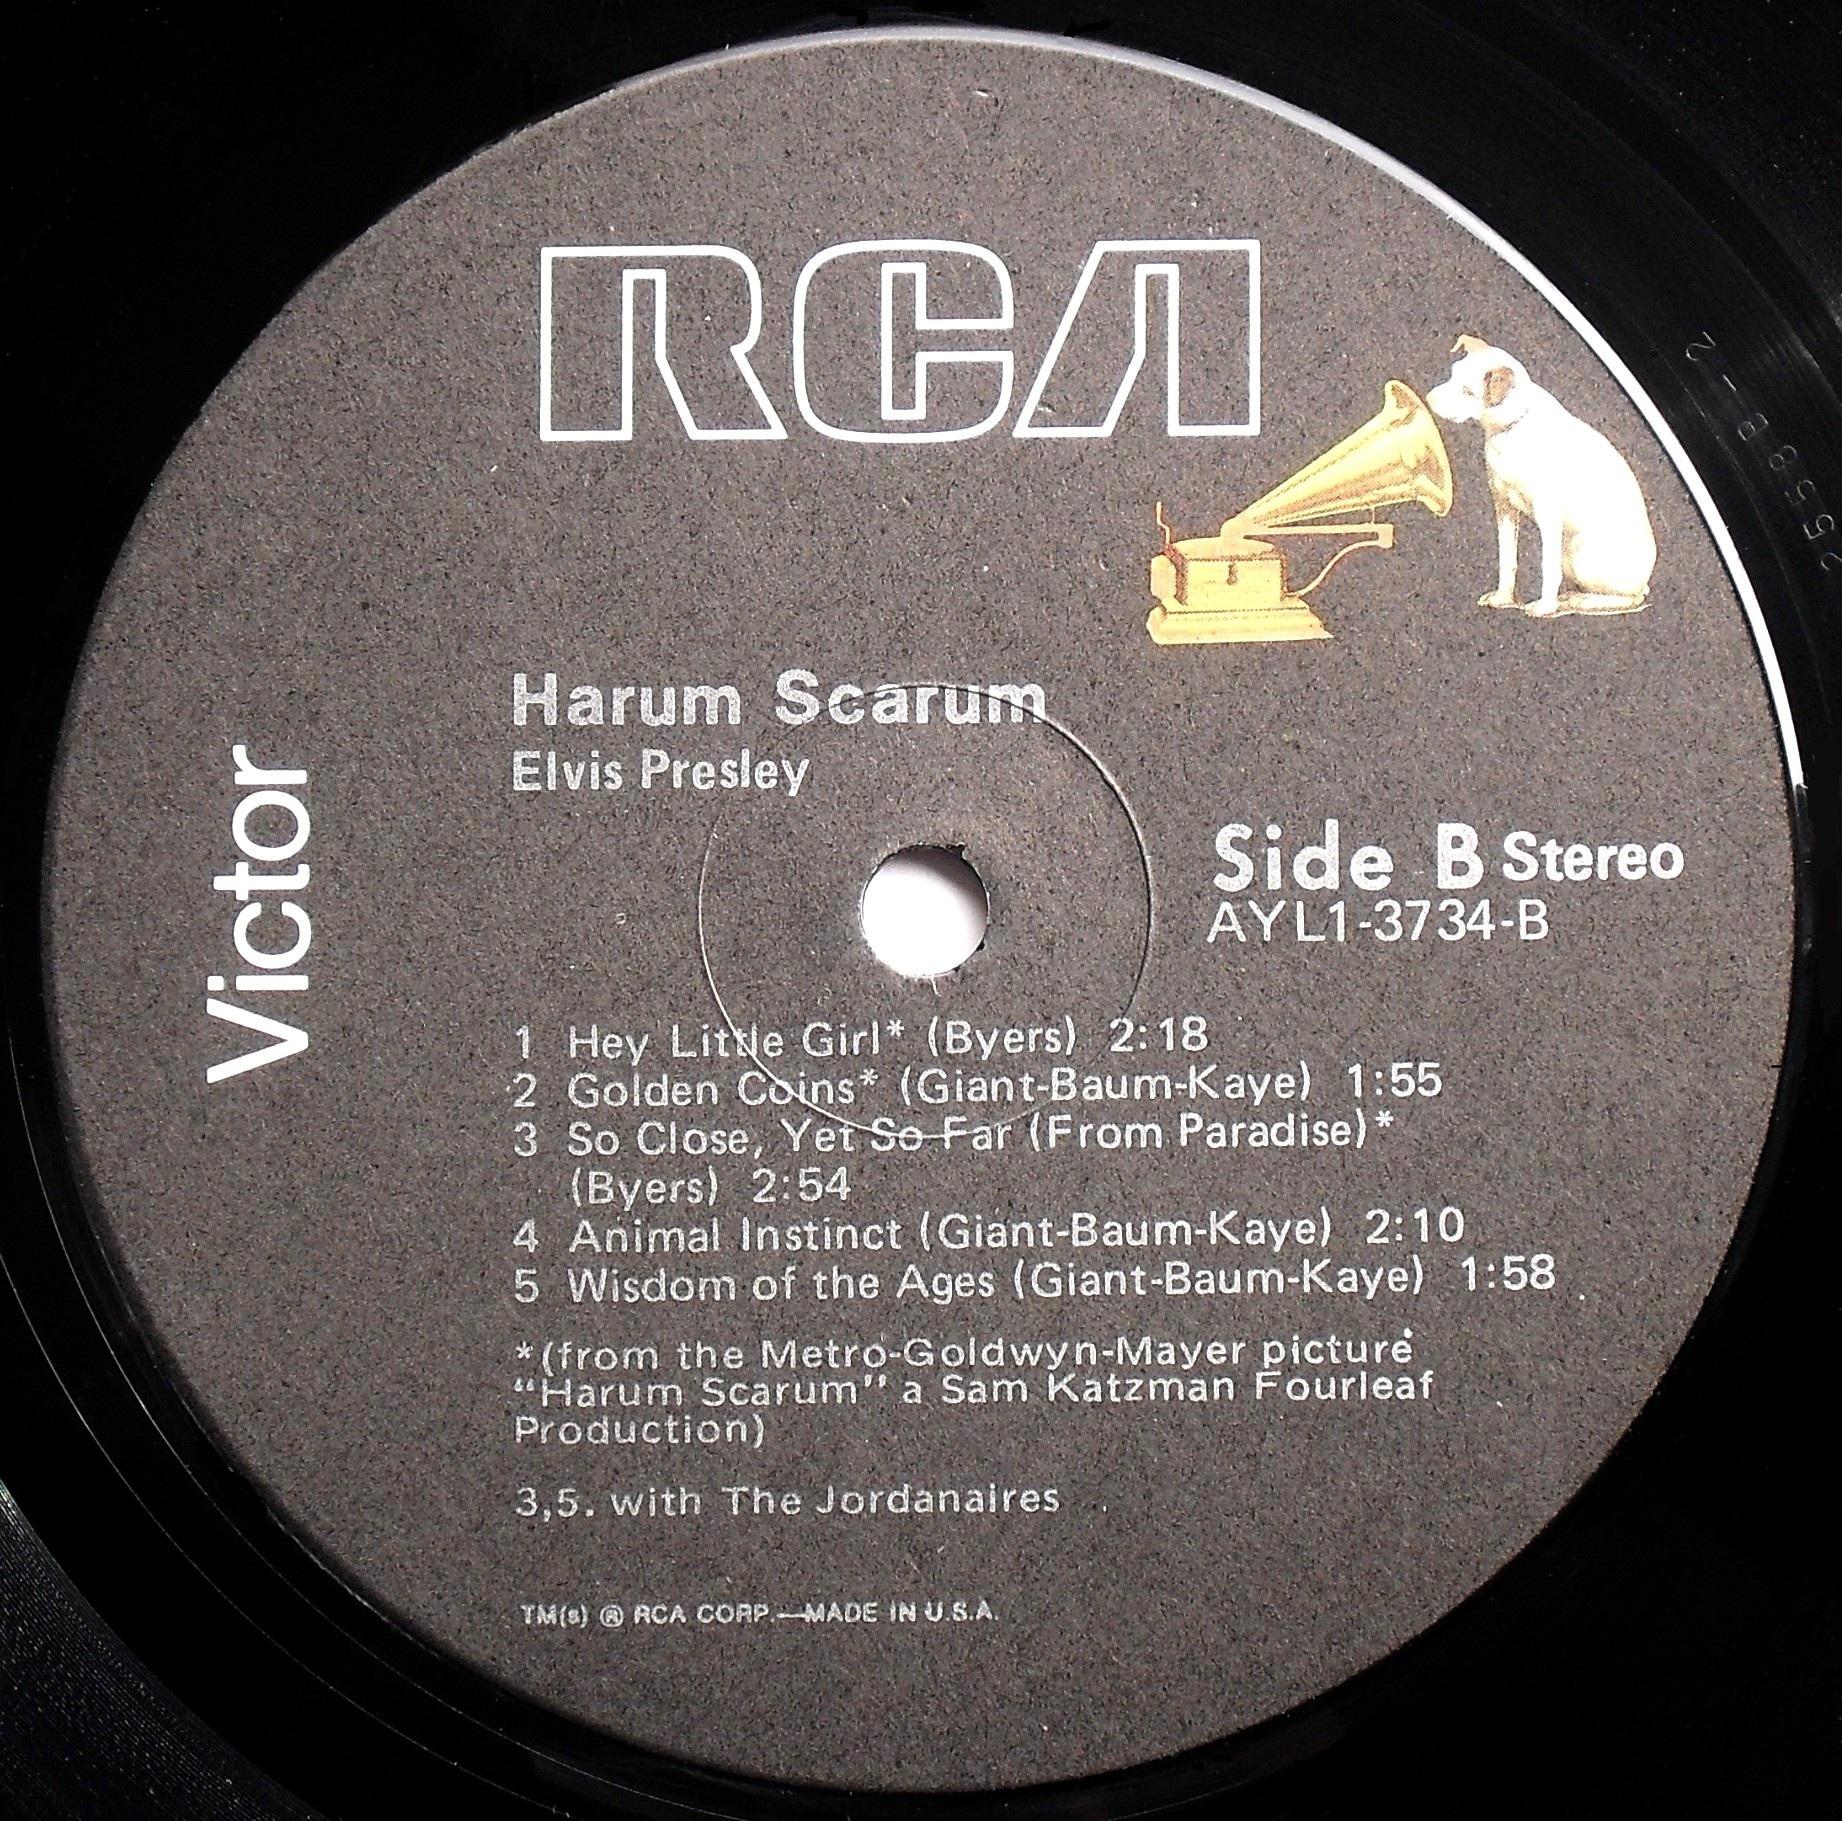 HARUM SCARUM 03s27ju51